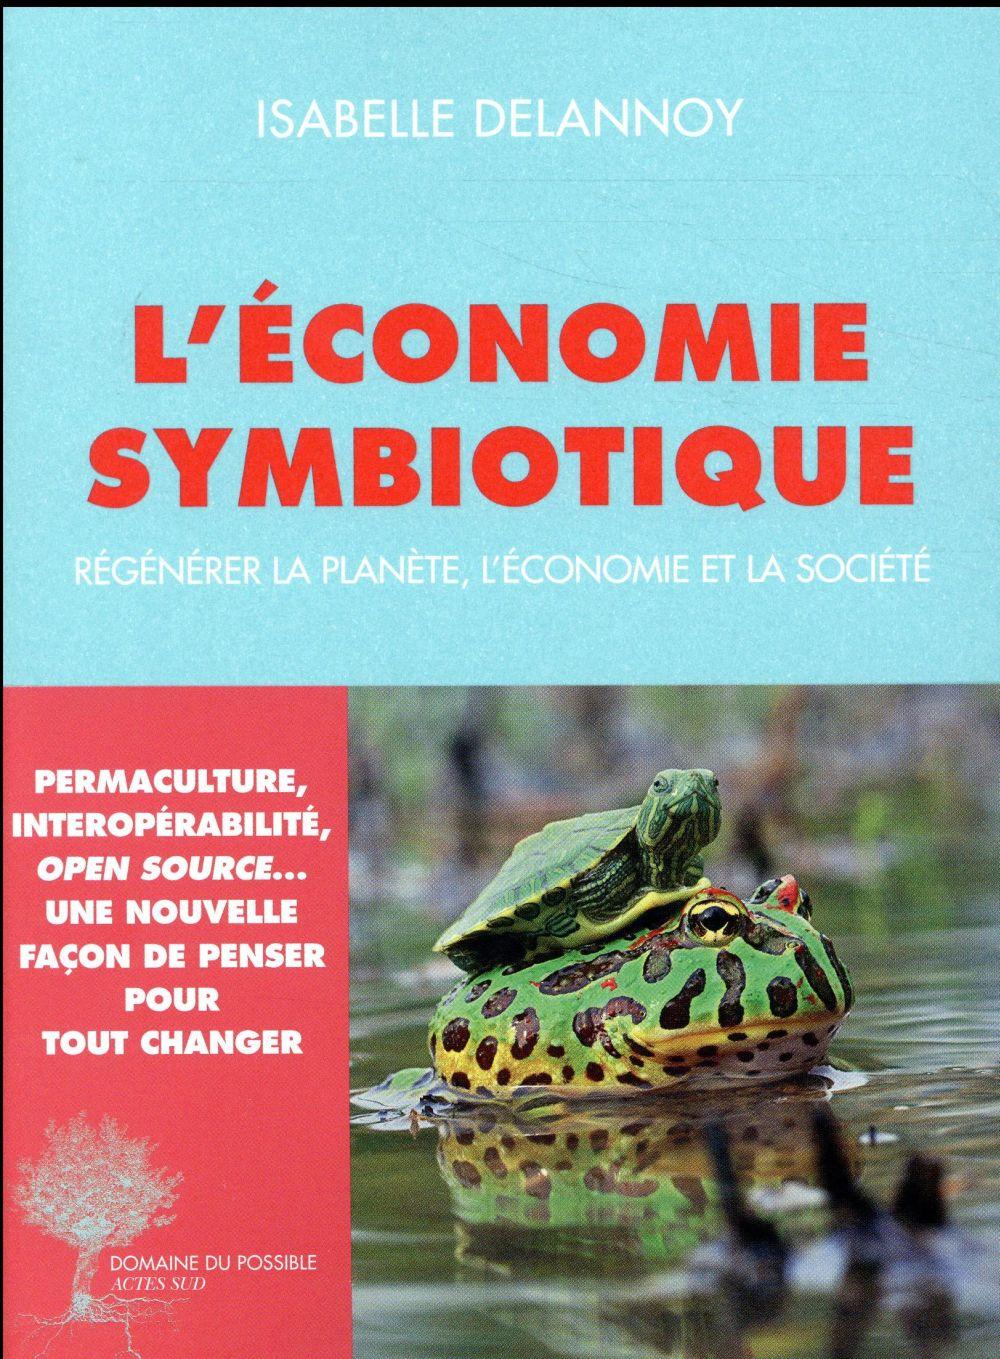 L'ECONOMIE SYMBIOTIQUE  -  REGENERER LA PLANETE, L'ECONOMIE, LA SOCIETE DELANNOY/BOURG Actes Sud